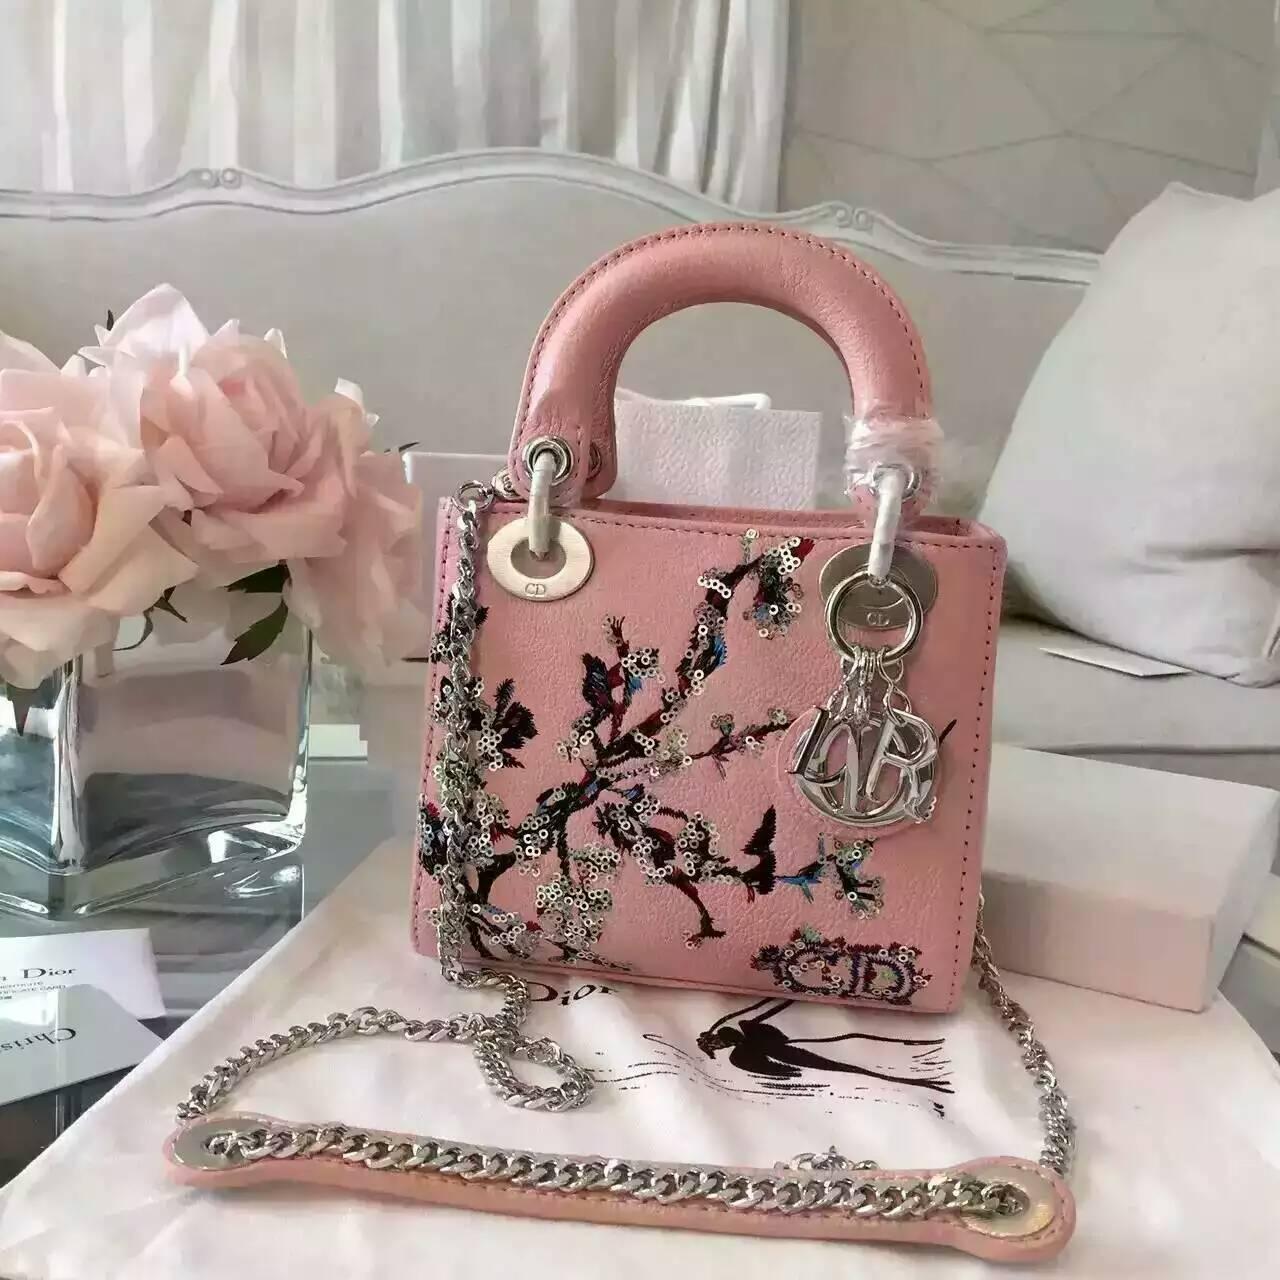 迪奥新款女包 Lady Dior mini刺绣新款粉色山羊皮戴妃包三格